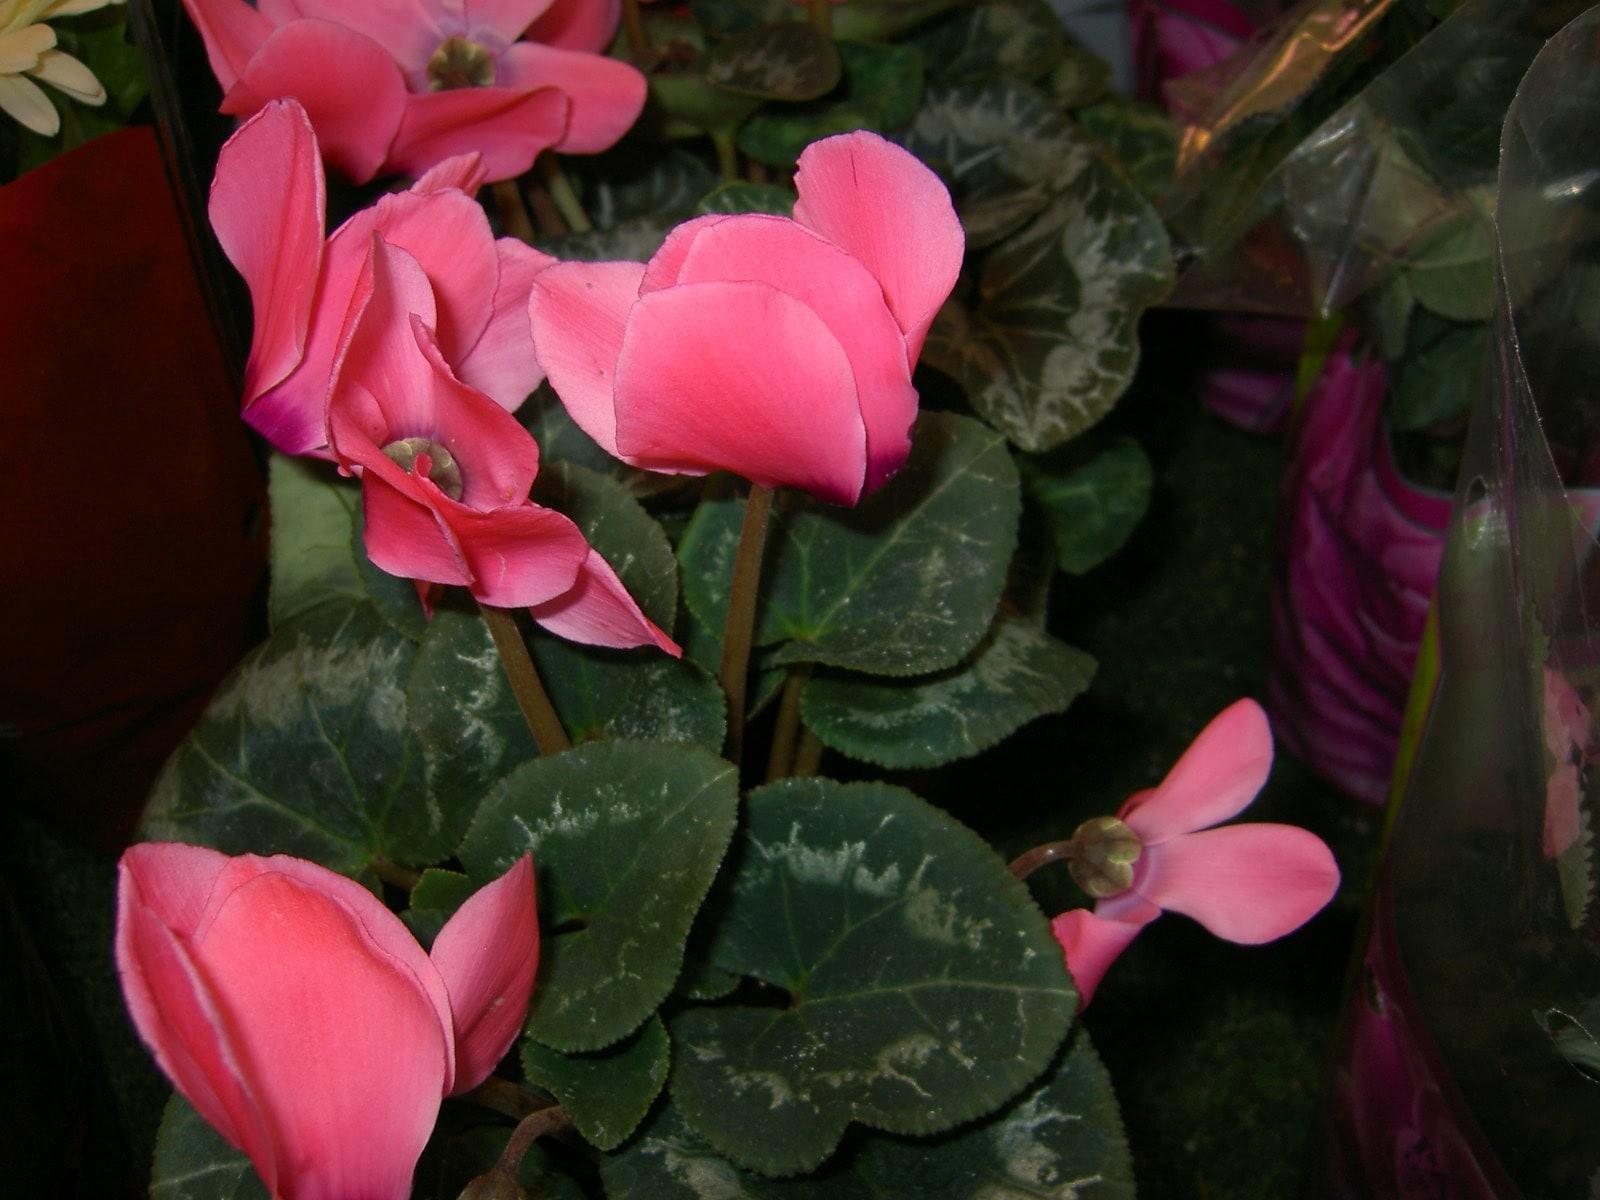 Красивое цветущее растение на снимке